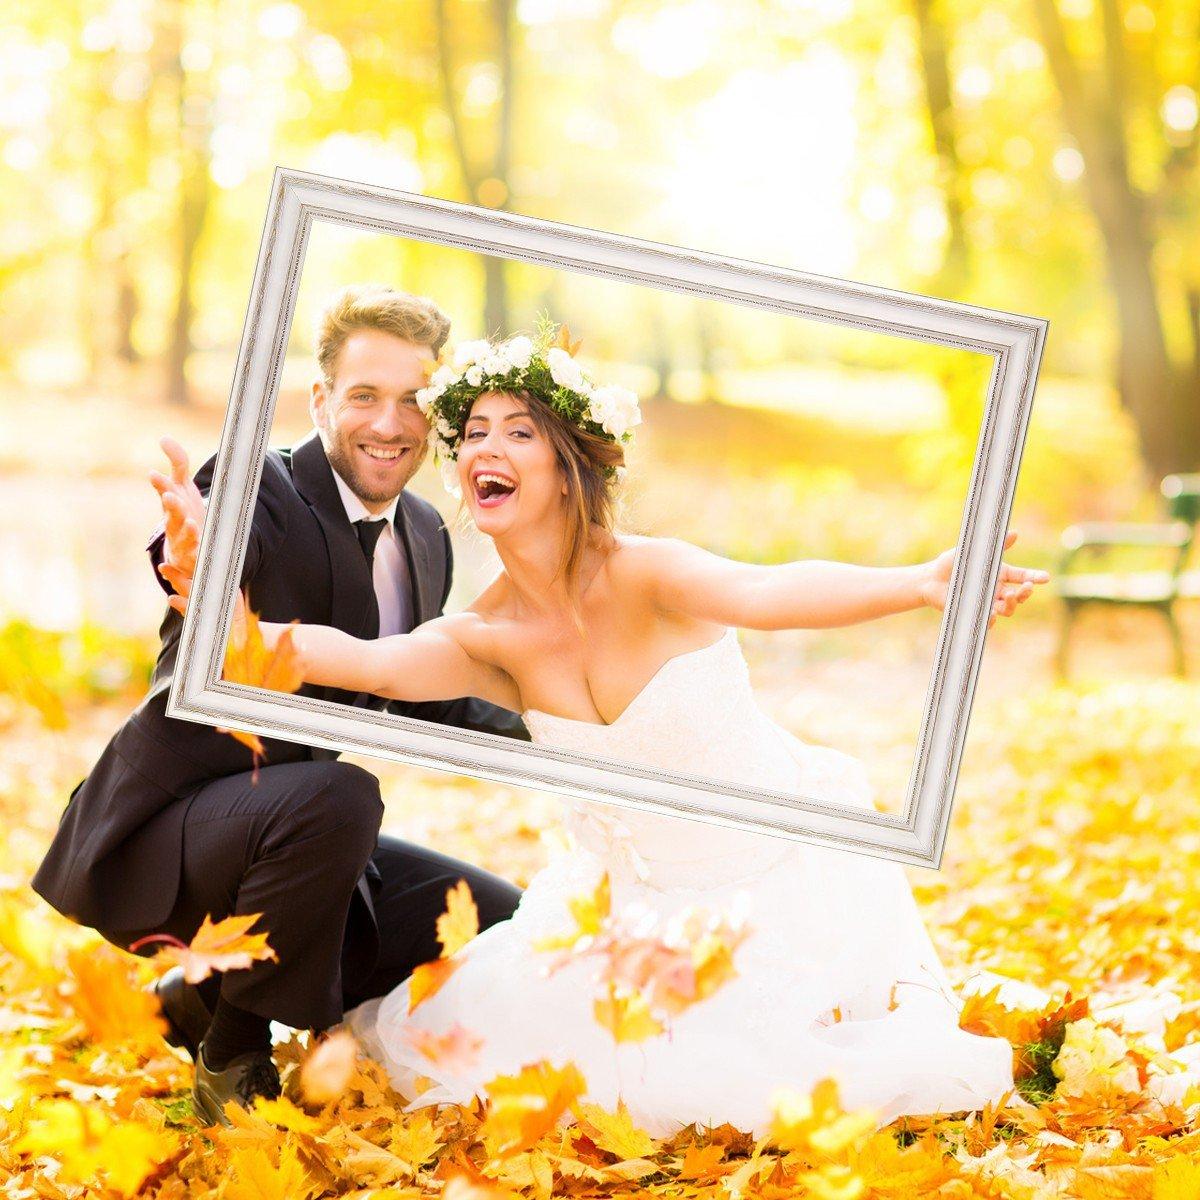 PHOTOLINI Hochzeit-Bilderrahmen für beeindruckende beeindruckende beeindruckende Hochzeitsfotos Hochzeitsspiele oder als Hochzeits-Rahmen und Photo-Booth Zubehör 40x60 cm Farbe Gold 073eed